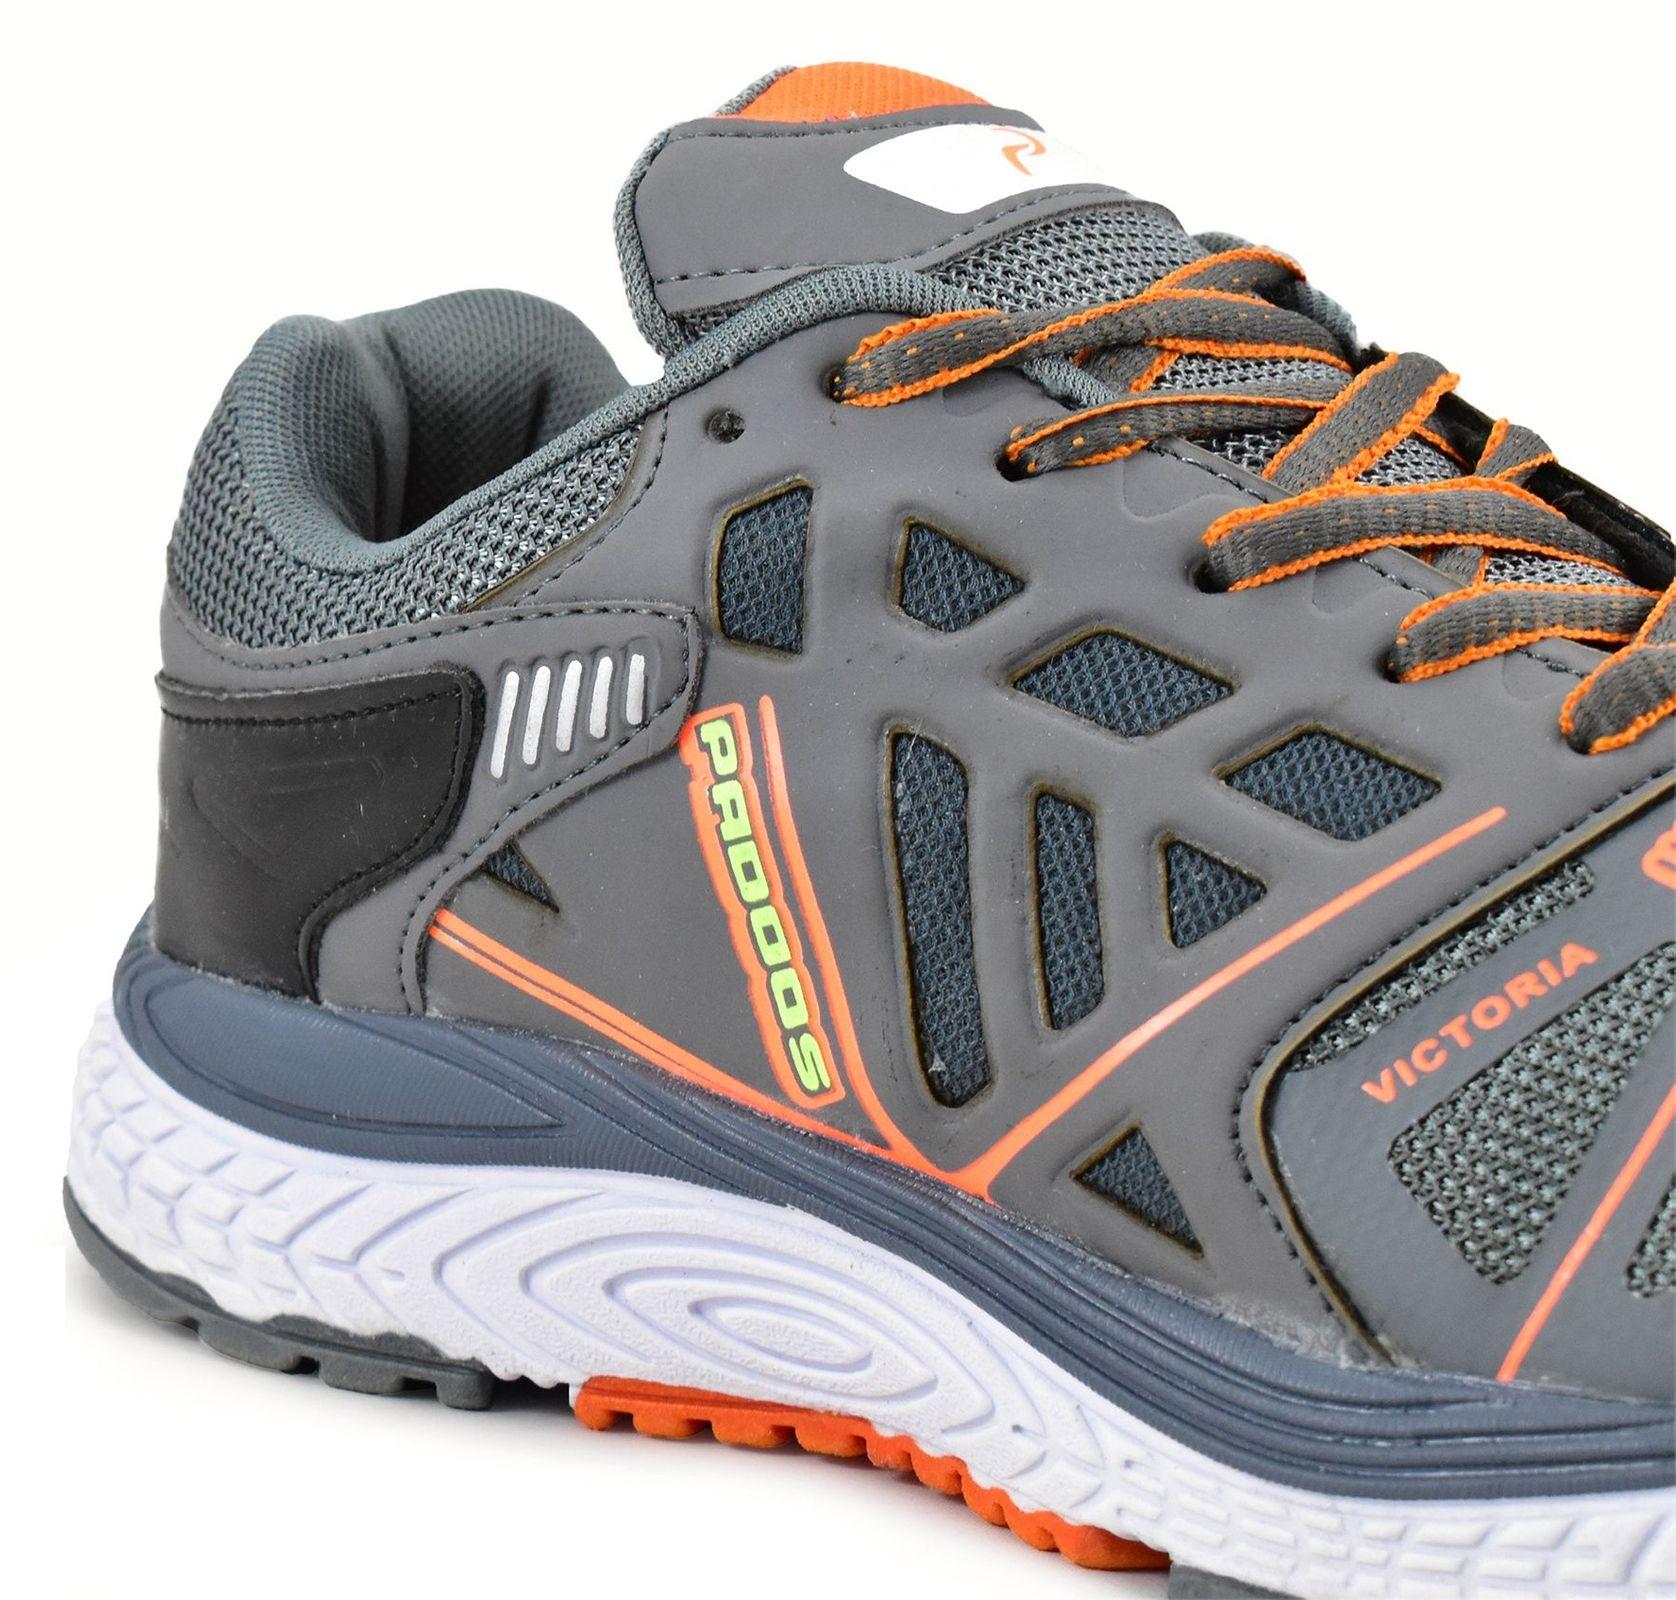 کفش مخصوص پیاده روی مردانه پادوس مدل لوییس کد 4788 main 1 5